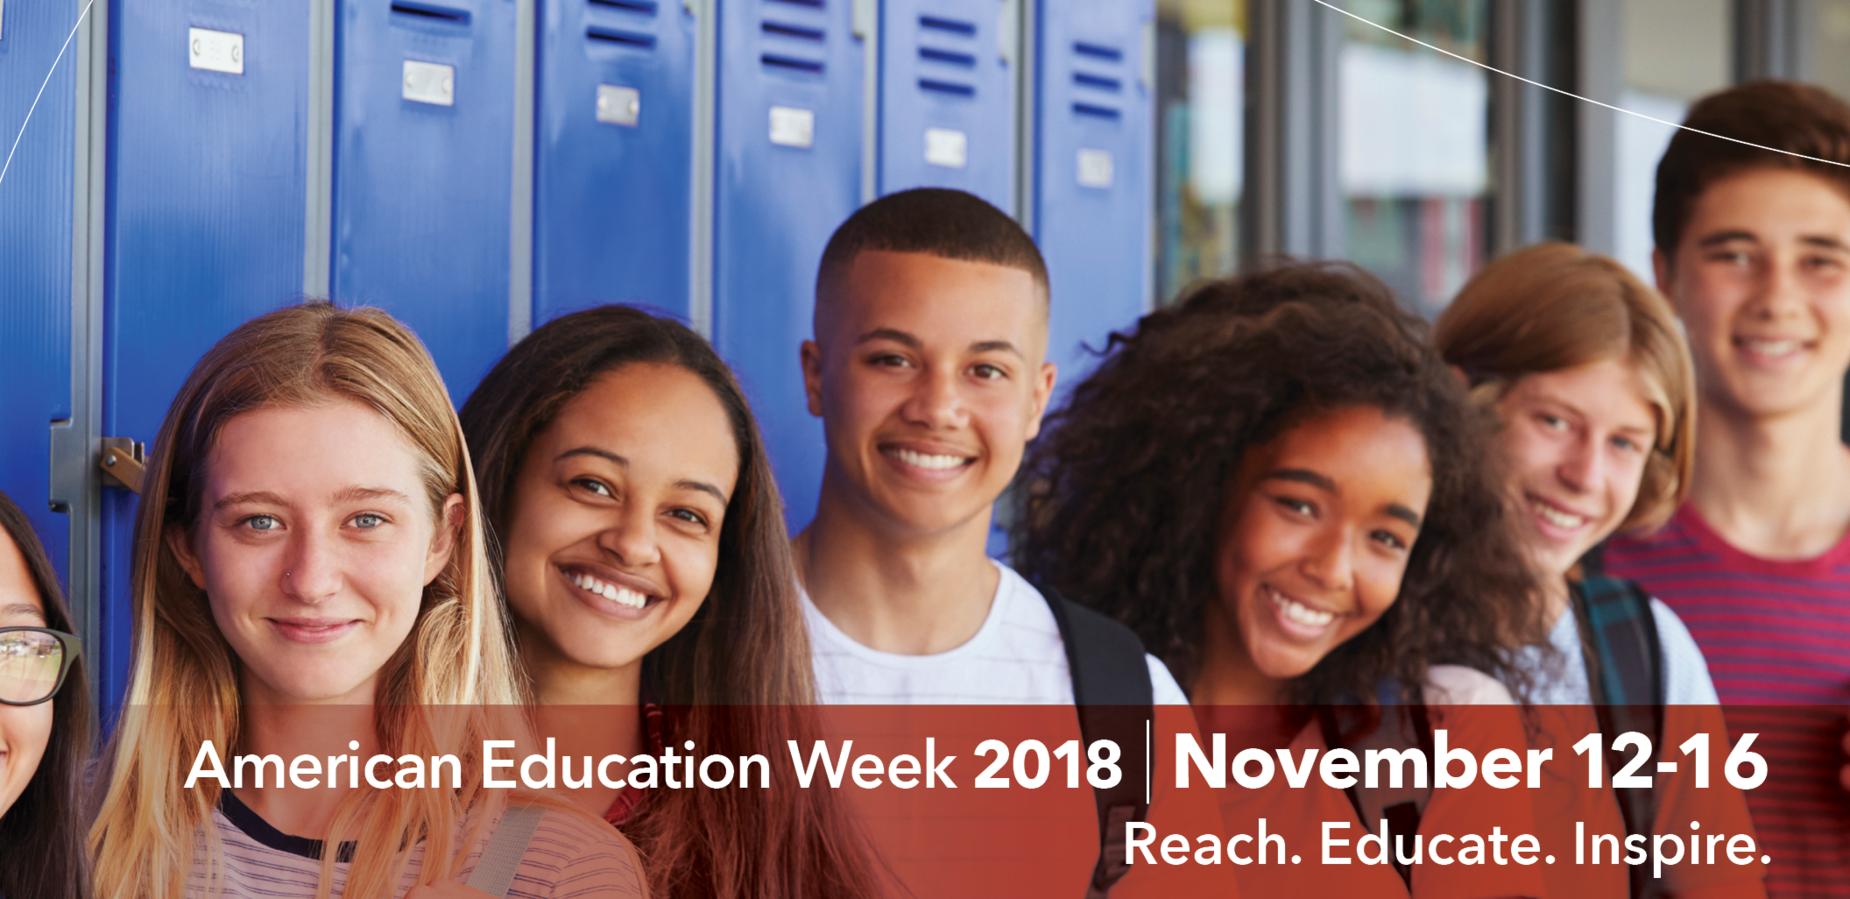 American Education Week 2